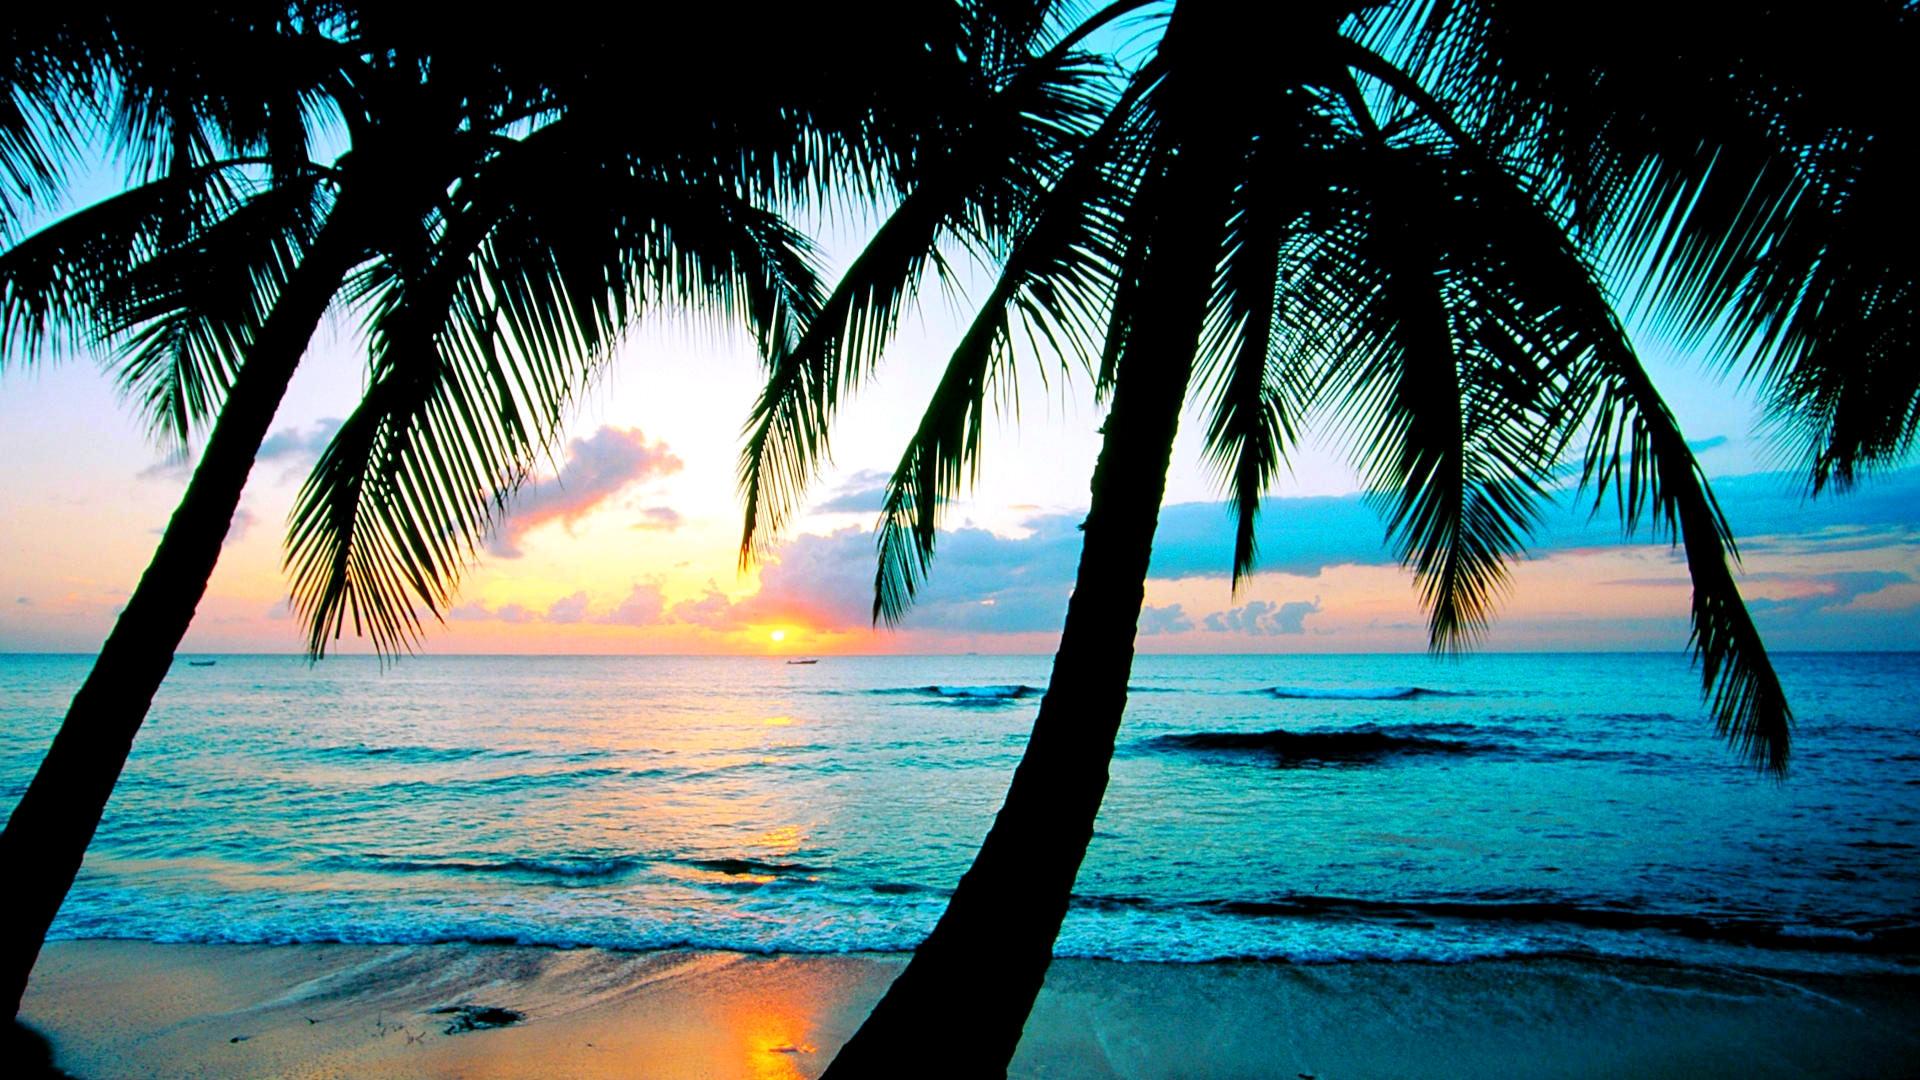 Beach Desktop Wallpapers Download Beach High Resolution Desktop Backgrounds 1920x1080 Wallpaper Teahub Io